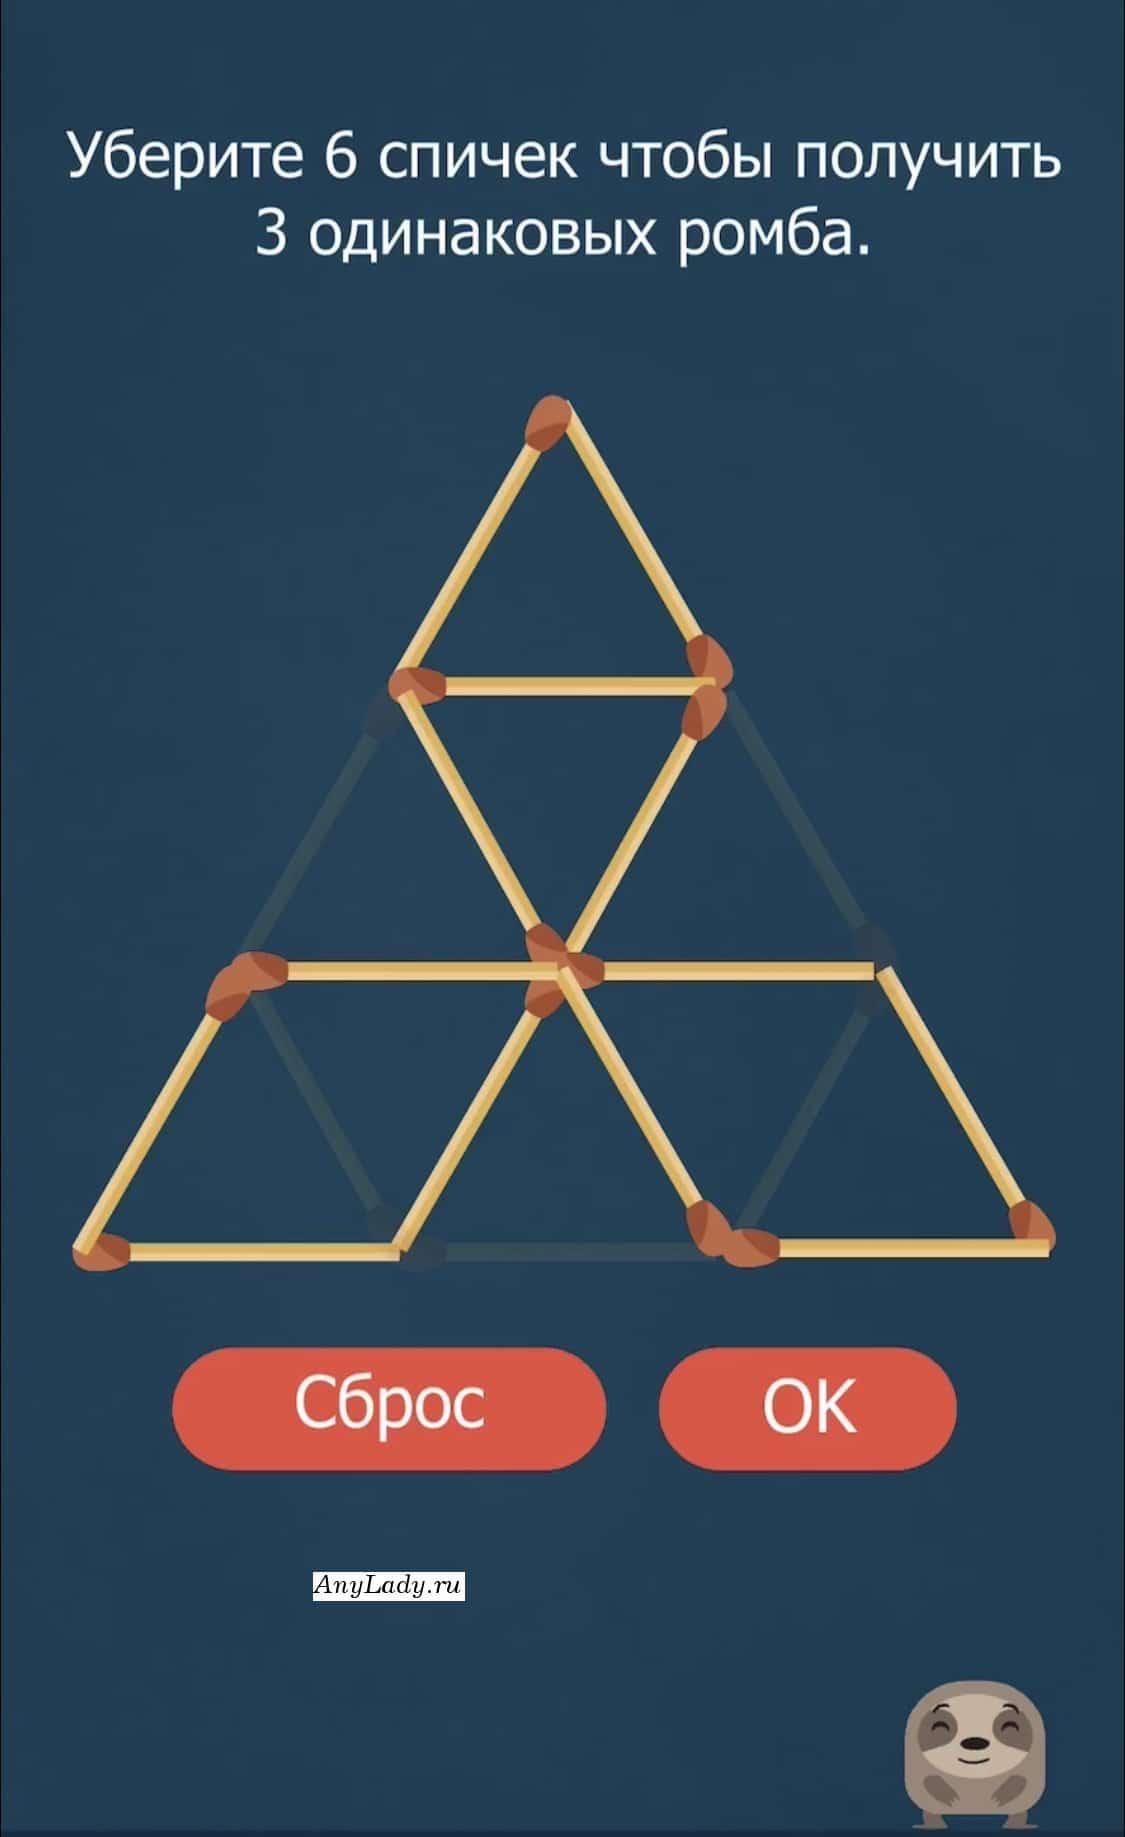 Обесцвеченные спички необходимо удалить из треугольника.   На изображении слева, указан верный распорядок спичек.